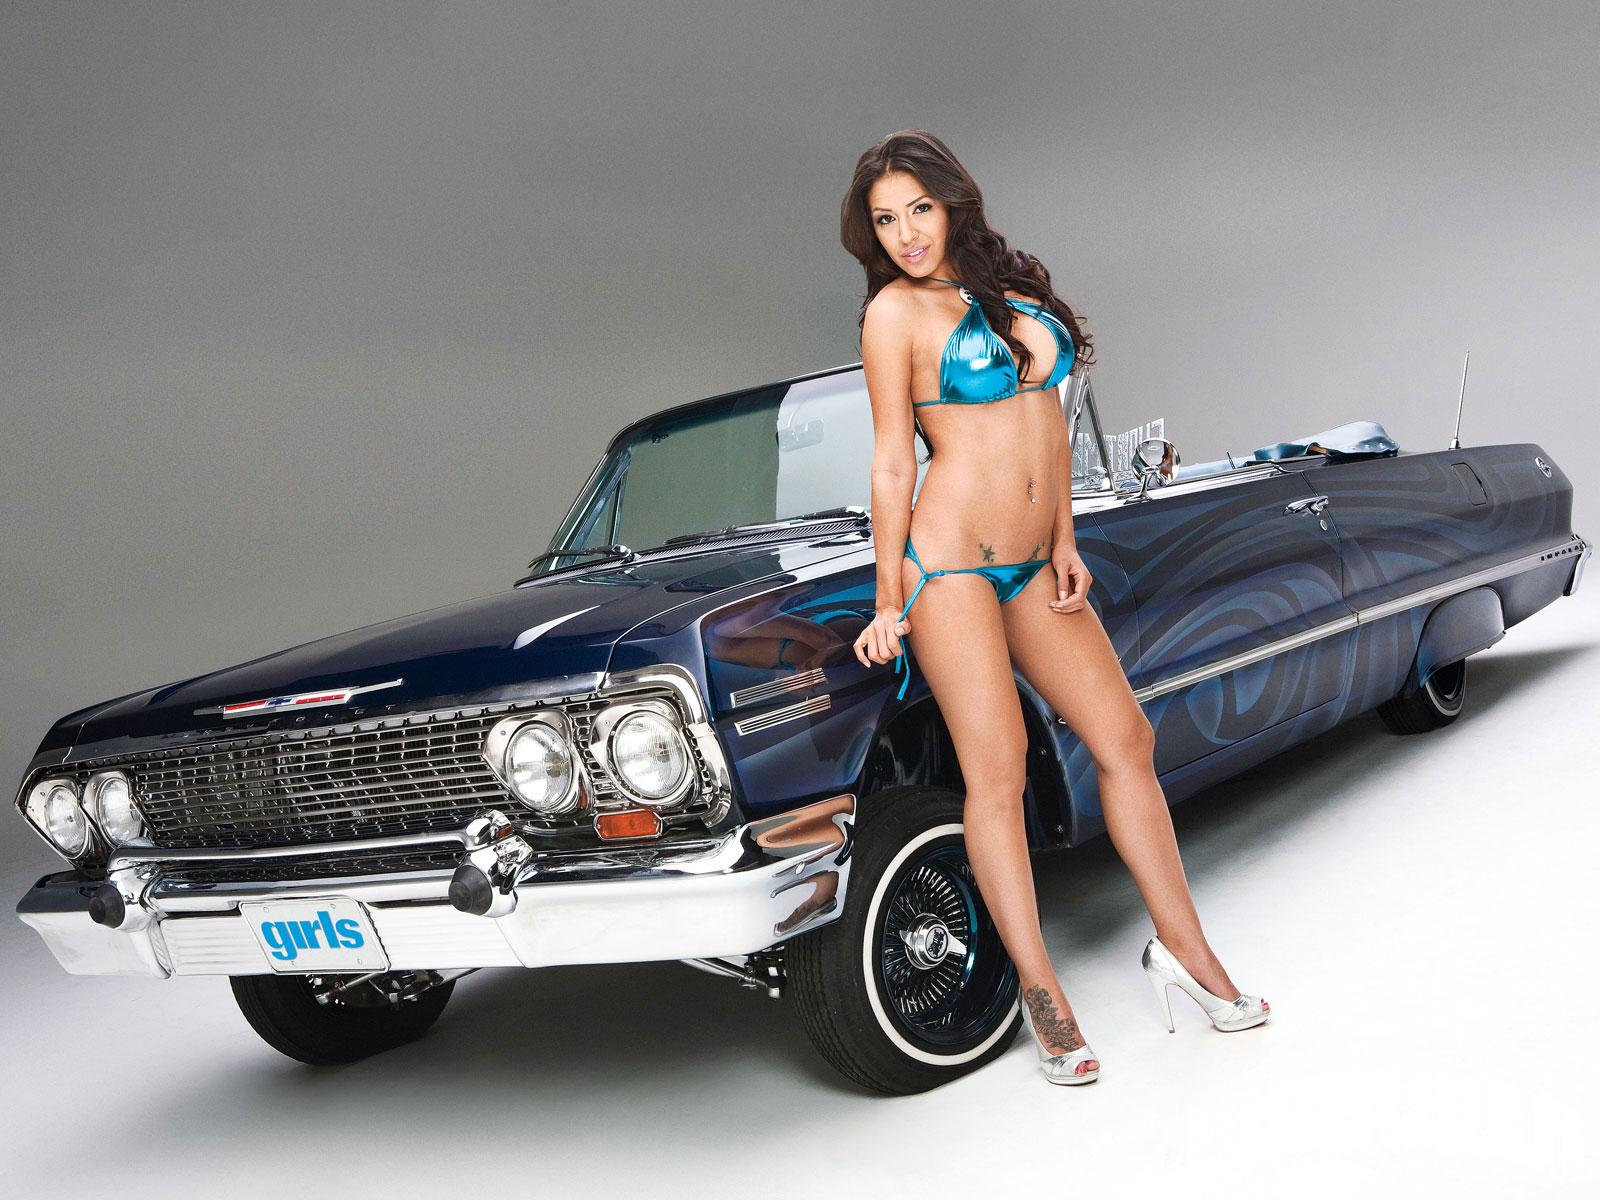 Lowrider latina girl models